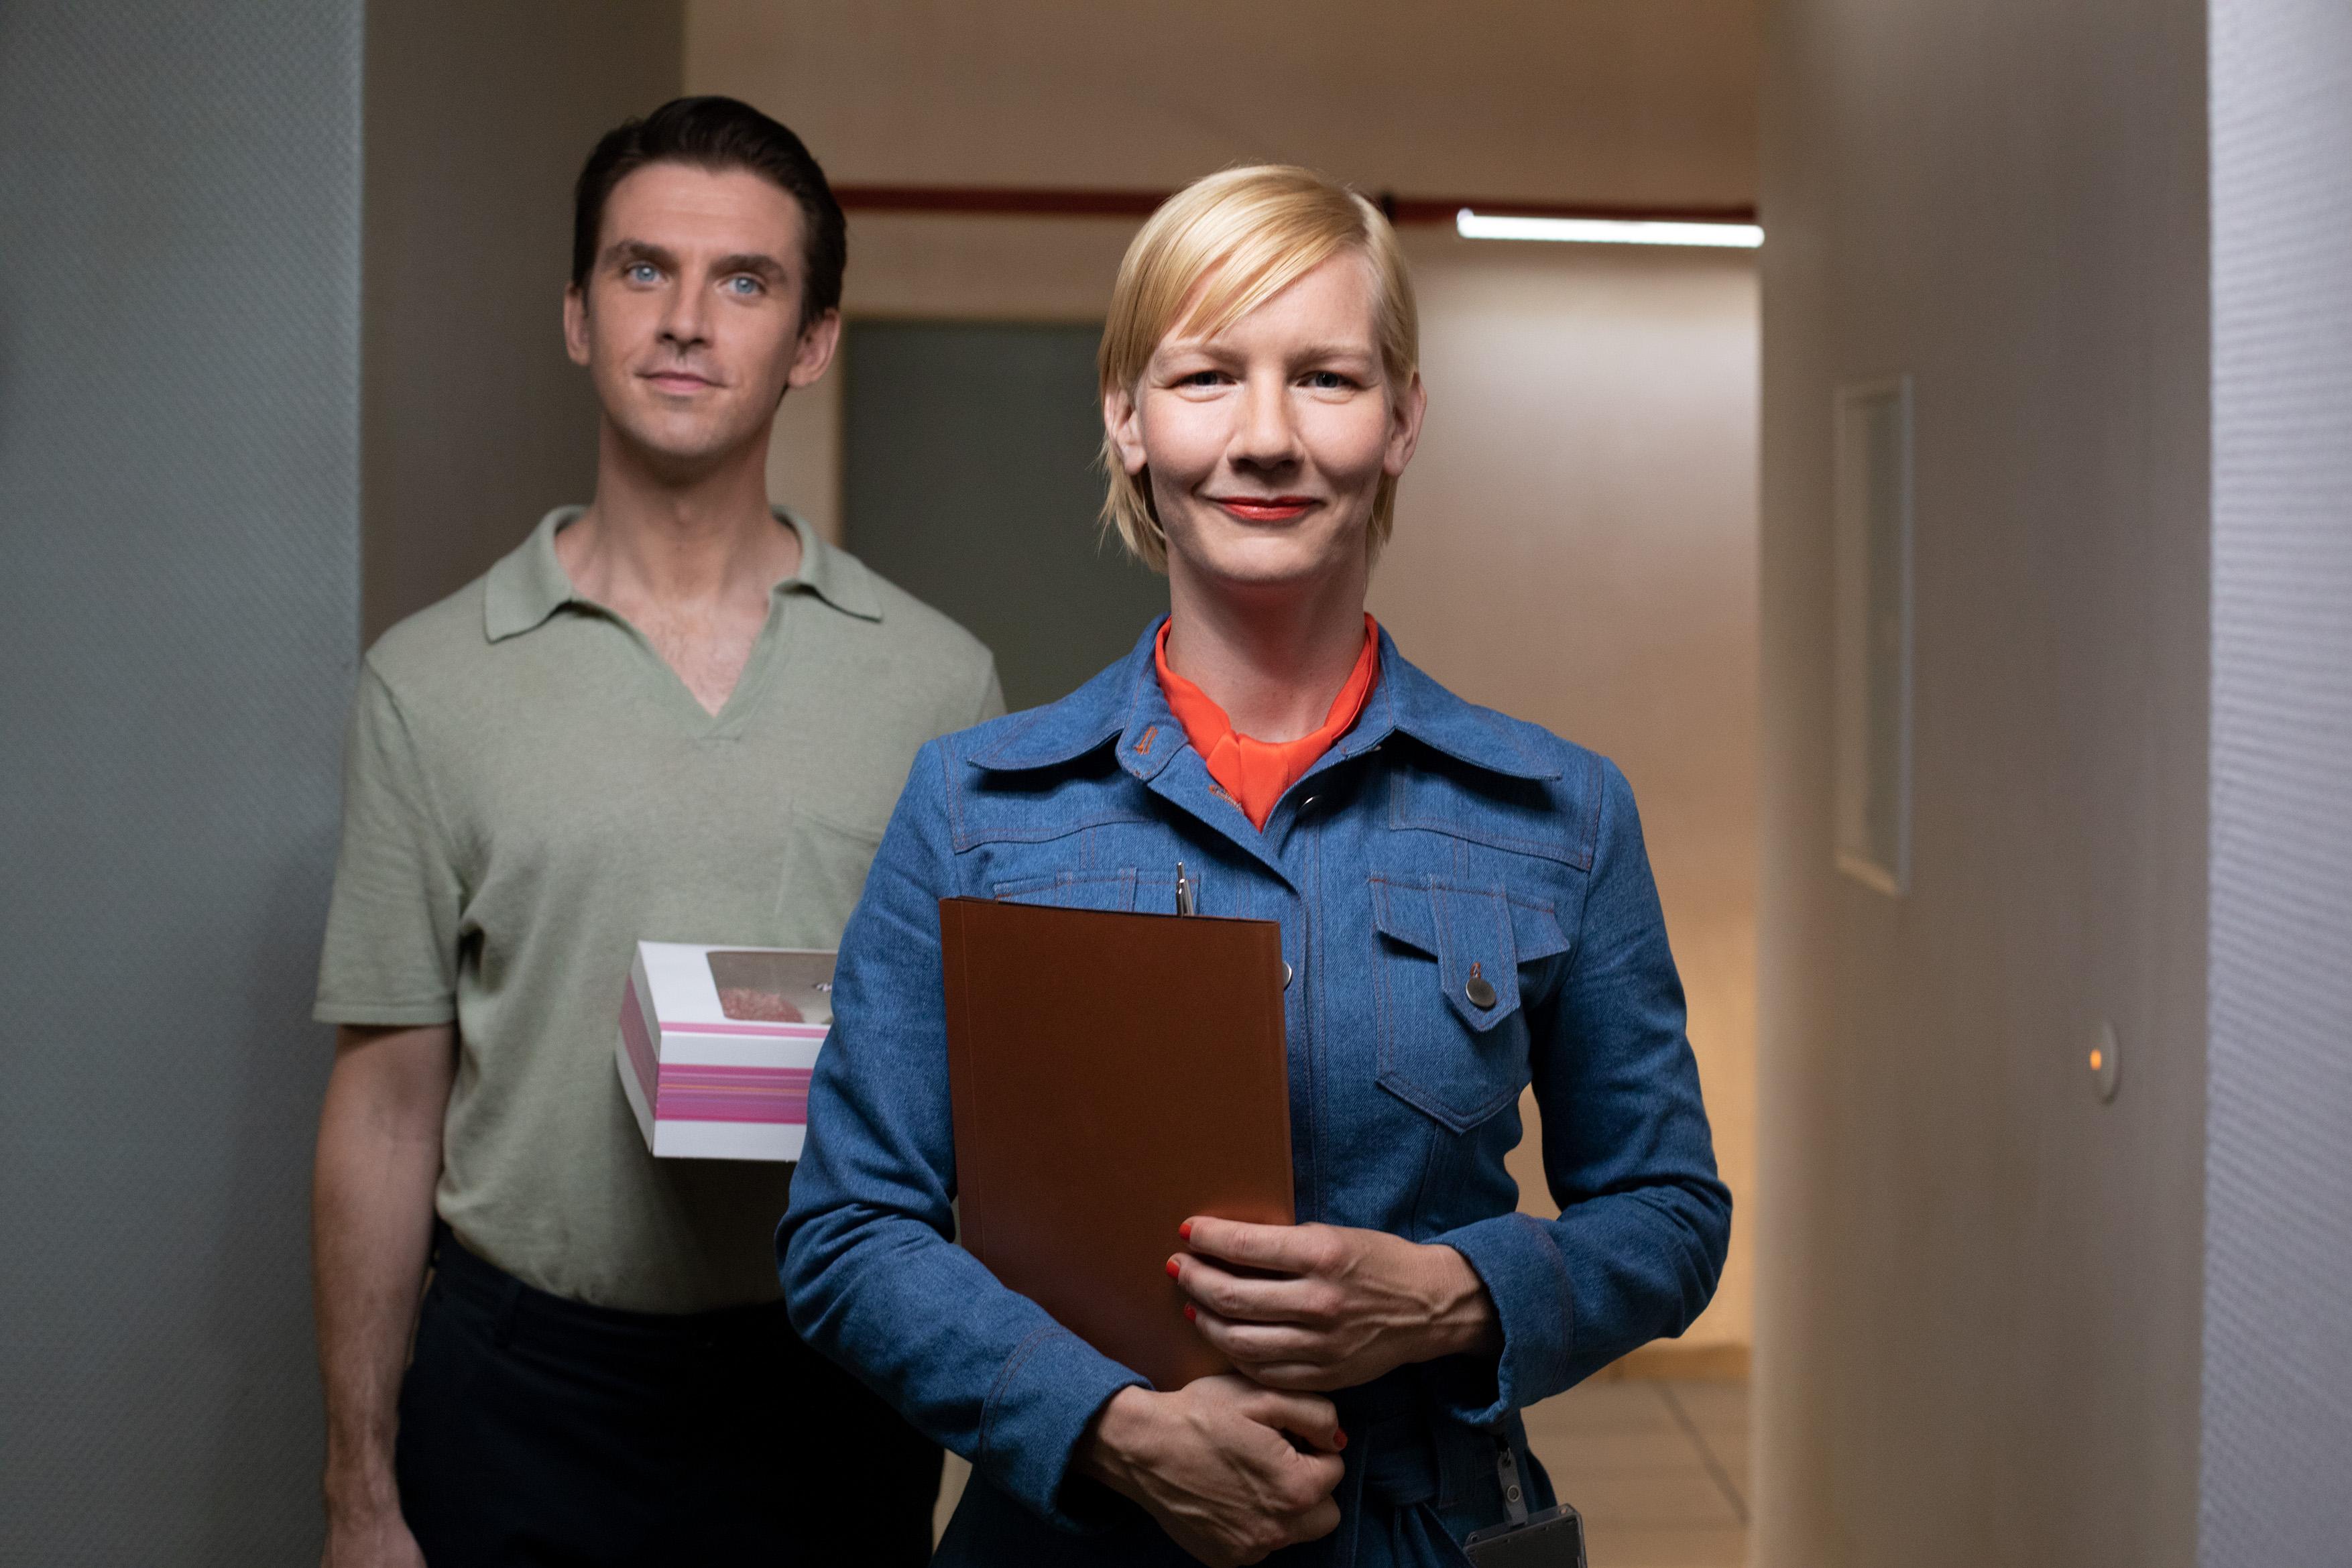 Dan Stevens és Sandra Hüller az Ich bin dein Densch című filmben (fotó: Berlinale)